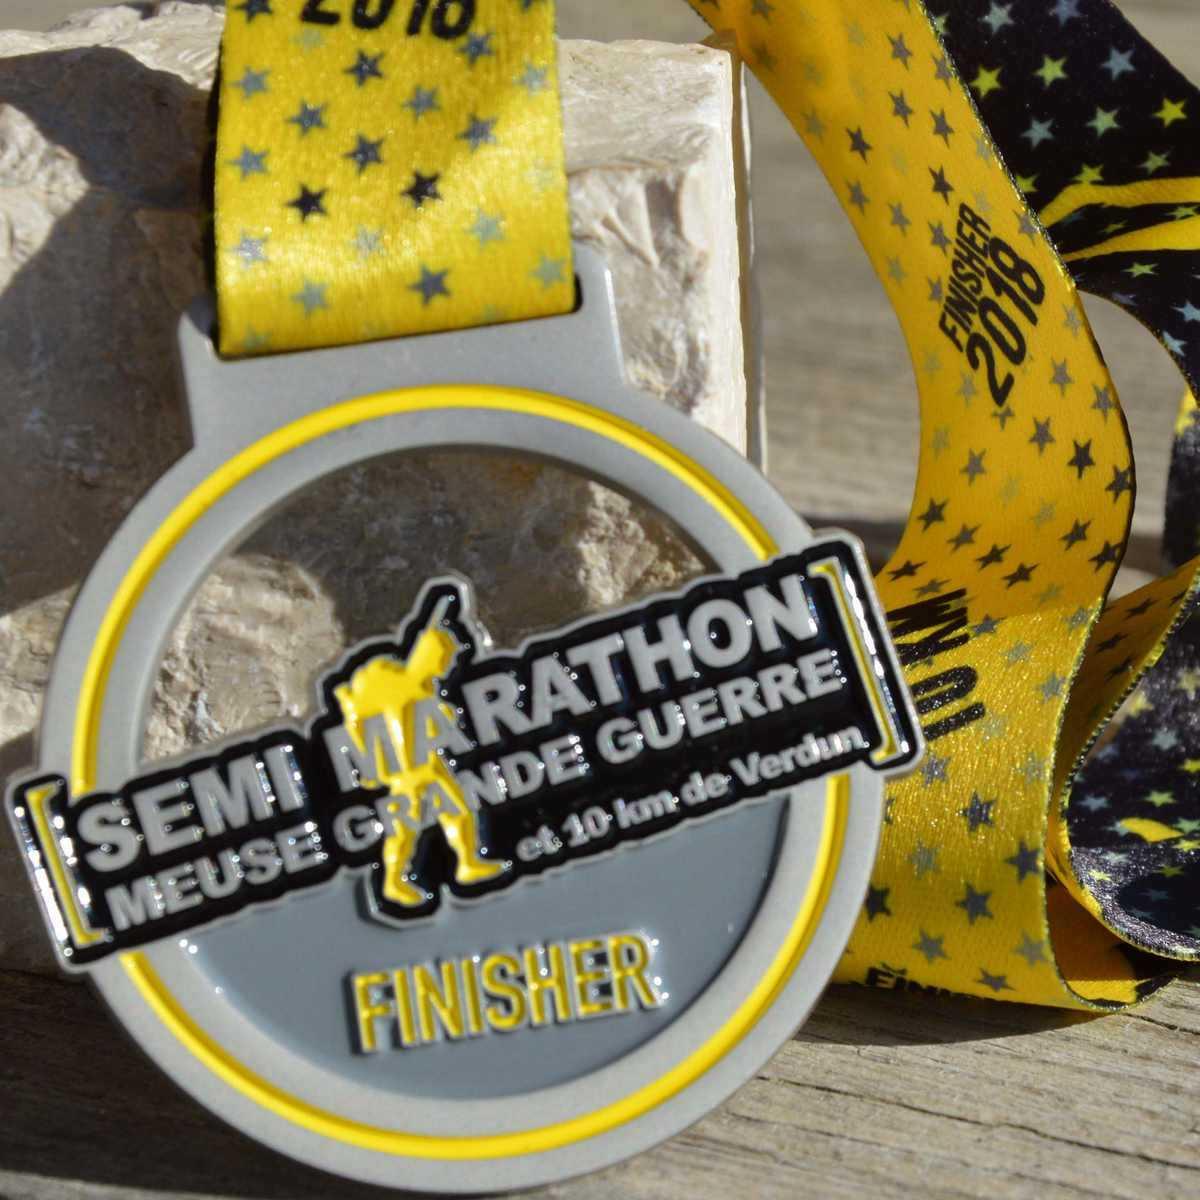 Médaille finisher ronde réalisée pour le semi-marathon de Verdun - Meuse Grande Guerre